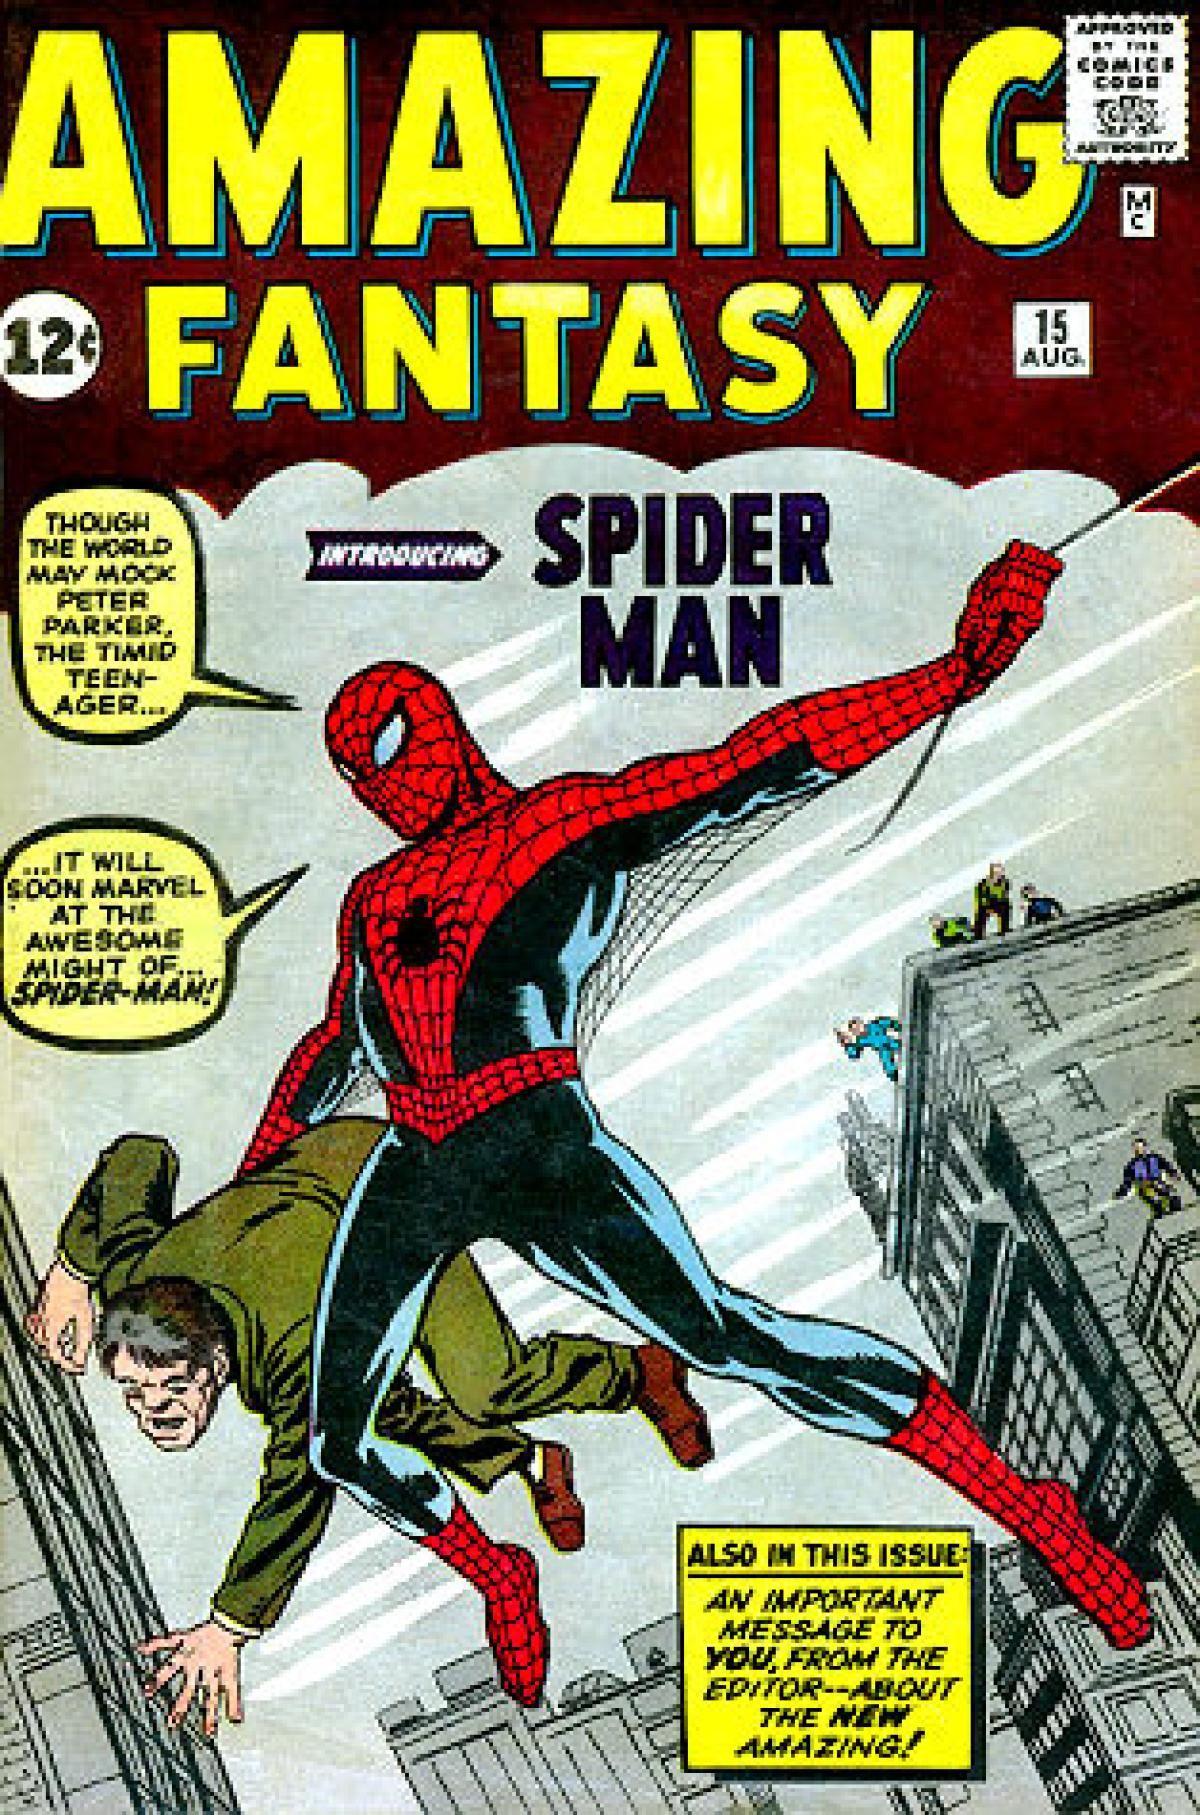 10 Most Valuable Comic Books Ever Comic Books Pinterest Comics